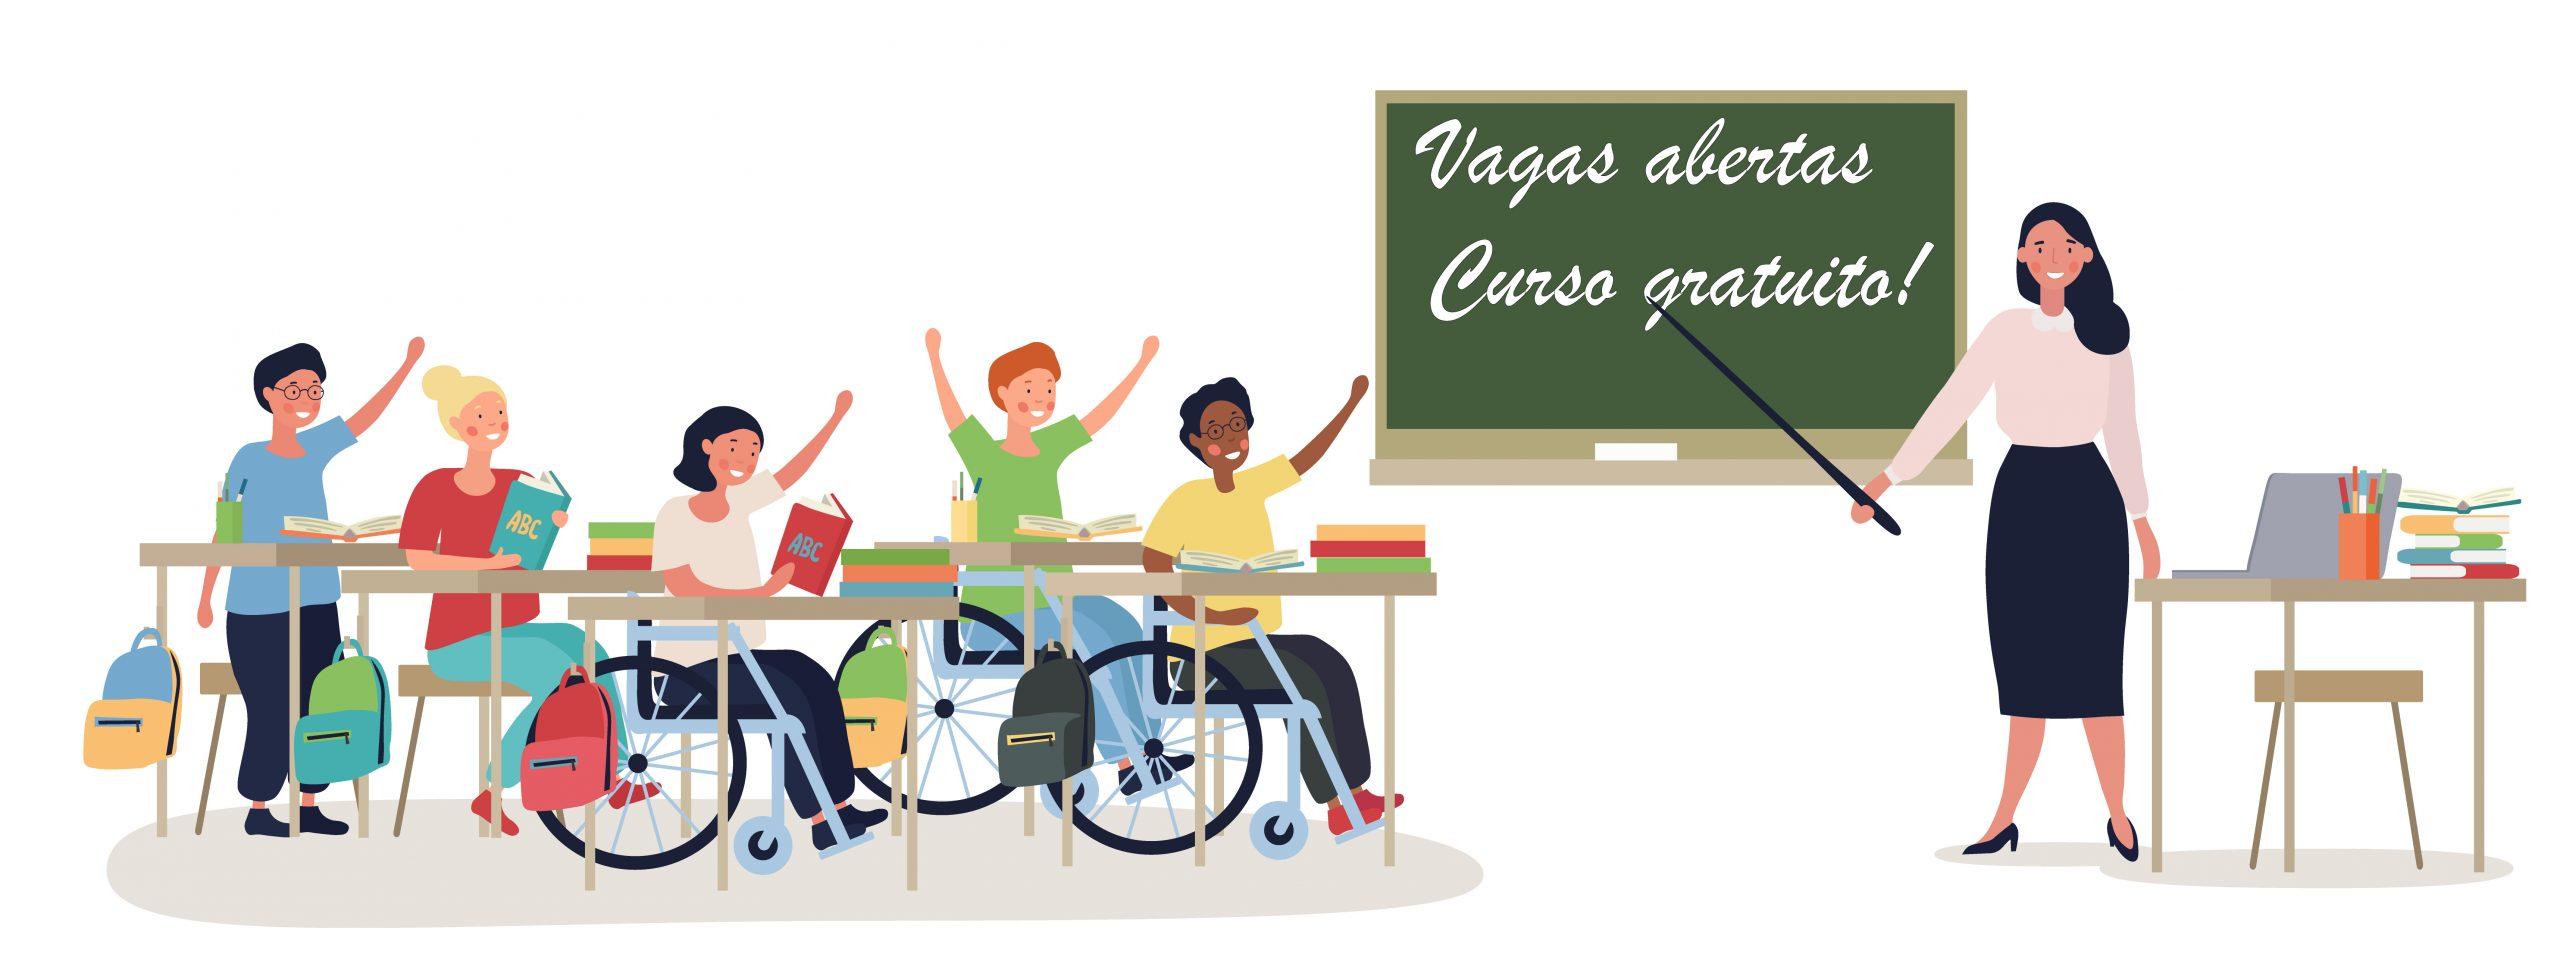 Curso gratuito voltado a pessoas com deficiência está com inscrições abertas